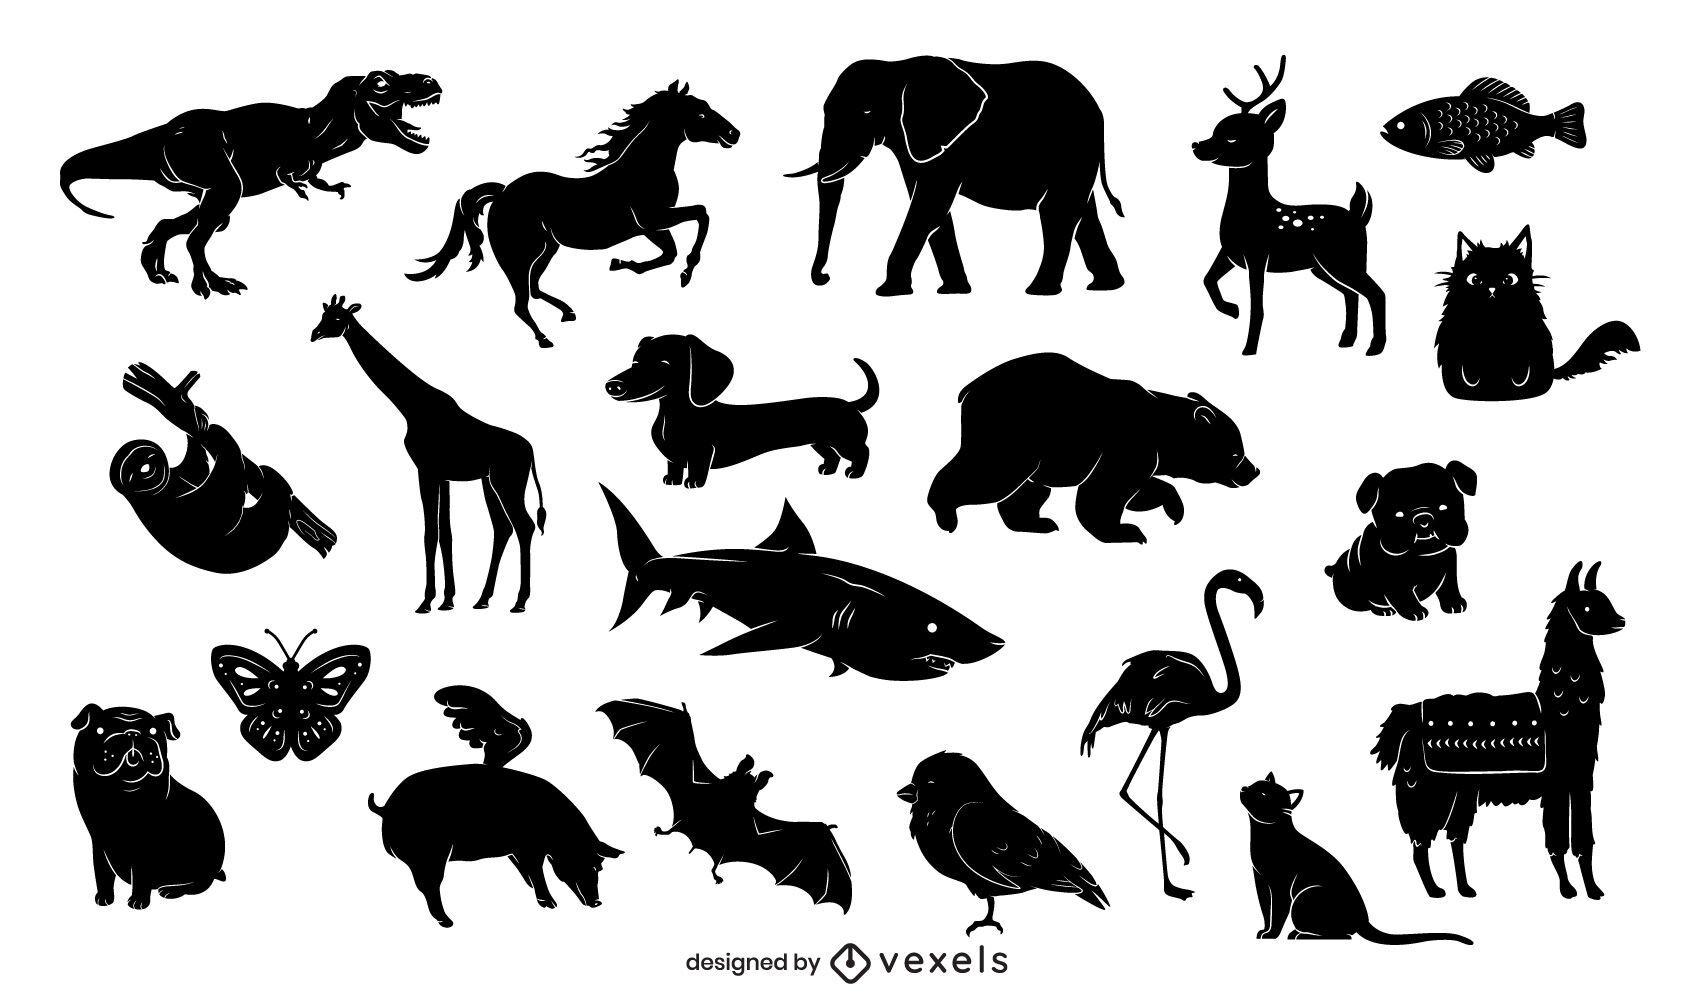 Animals silhouette design set